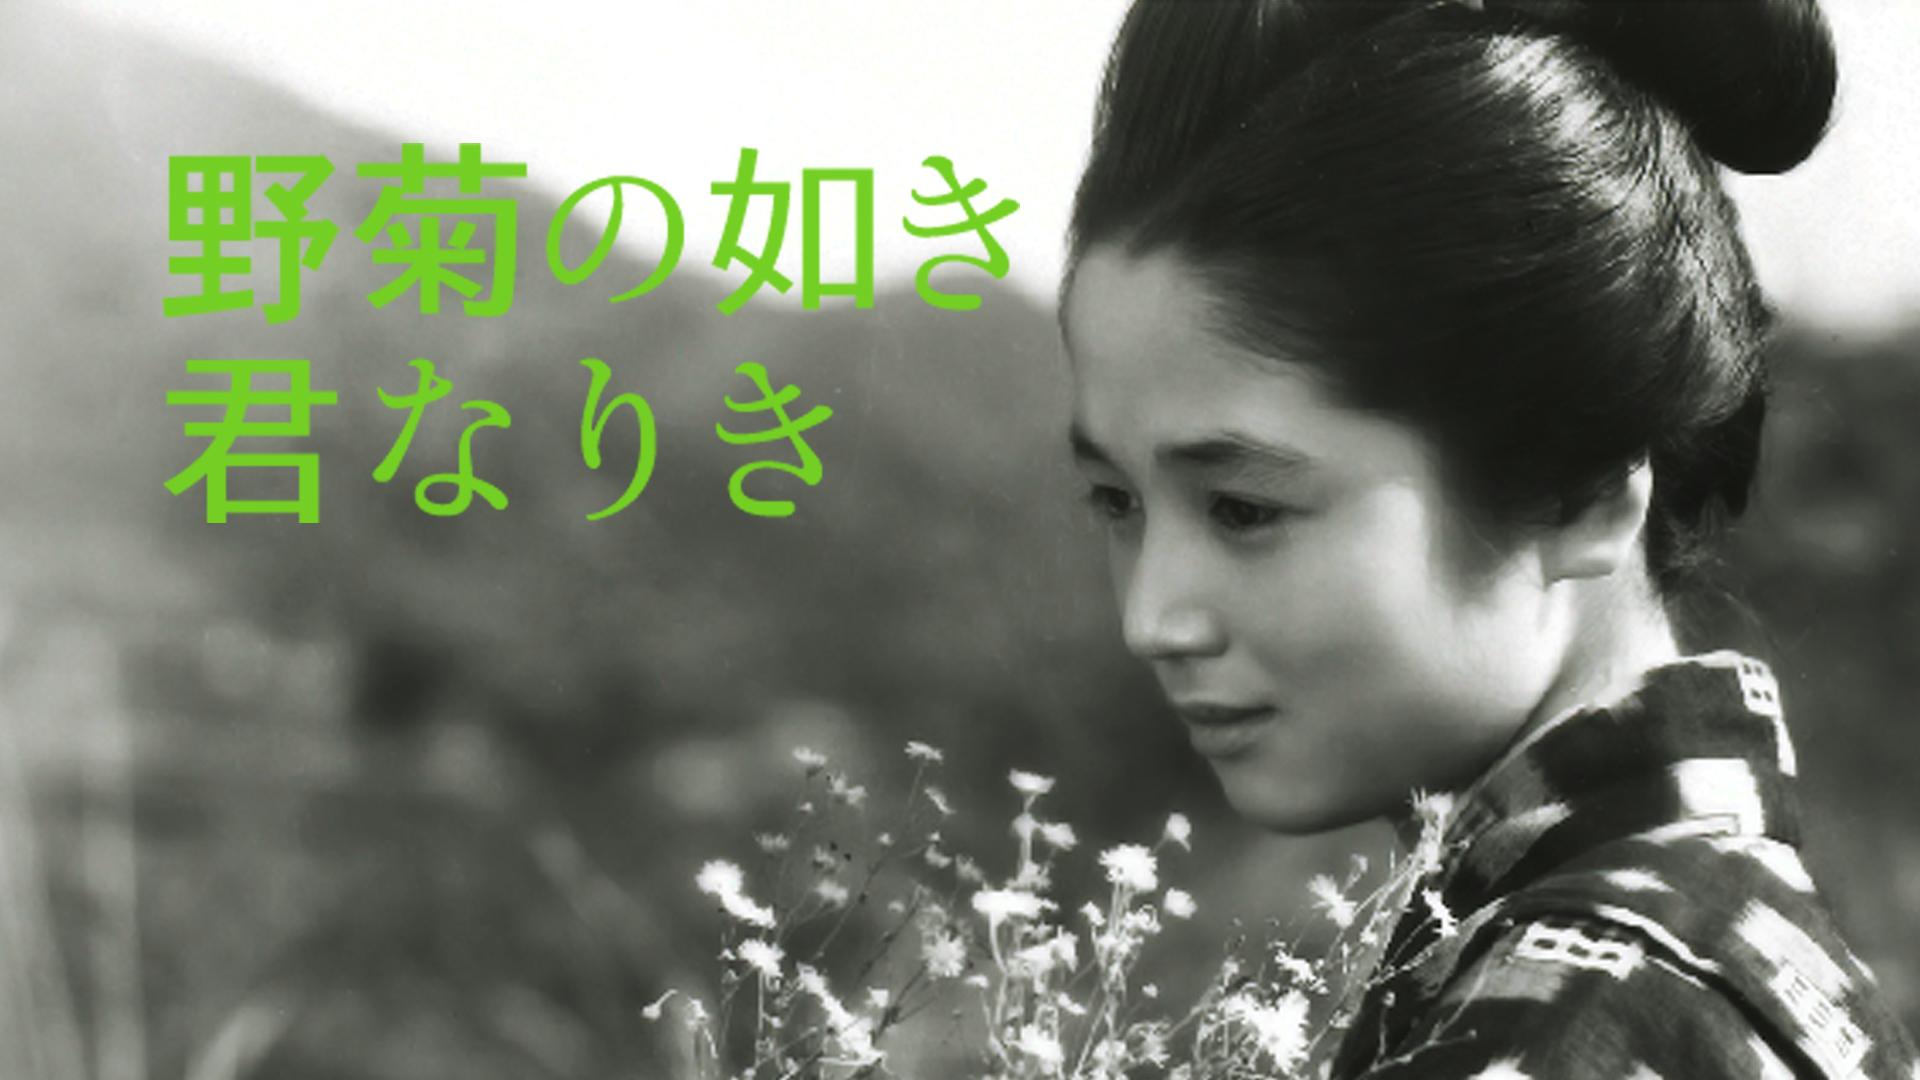 野菊の如き君なりき